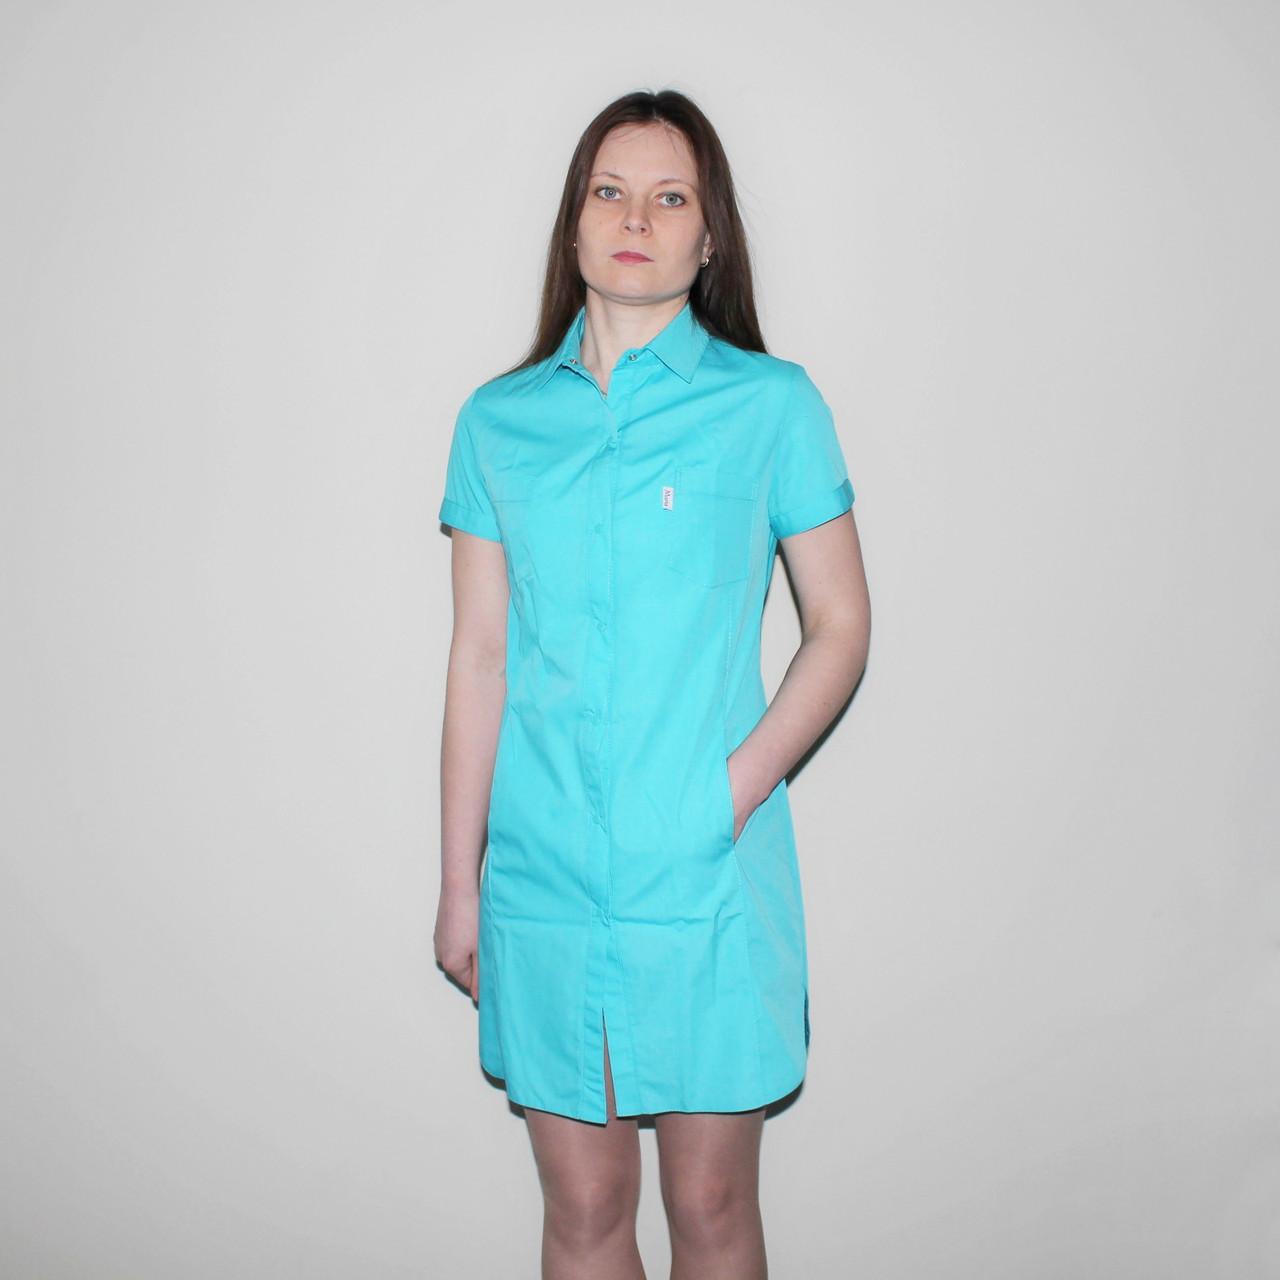 Легкий літній медичний жіночий халат SM 1255-3 Bella хб 42-56р